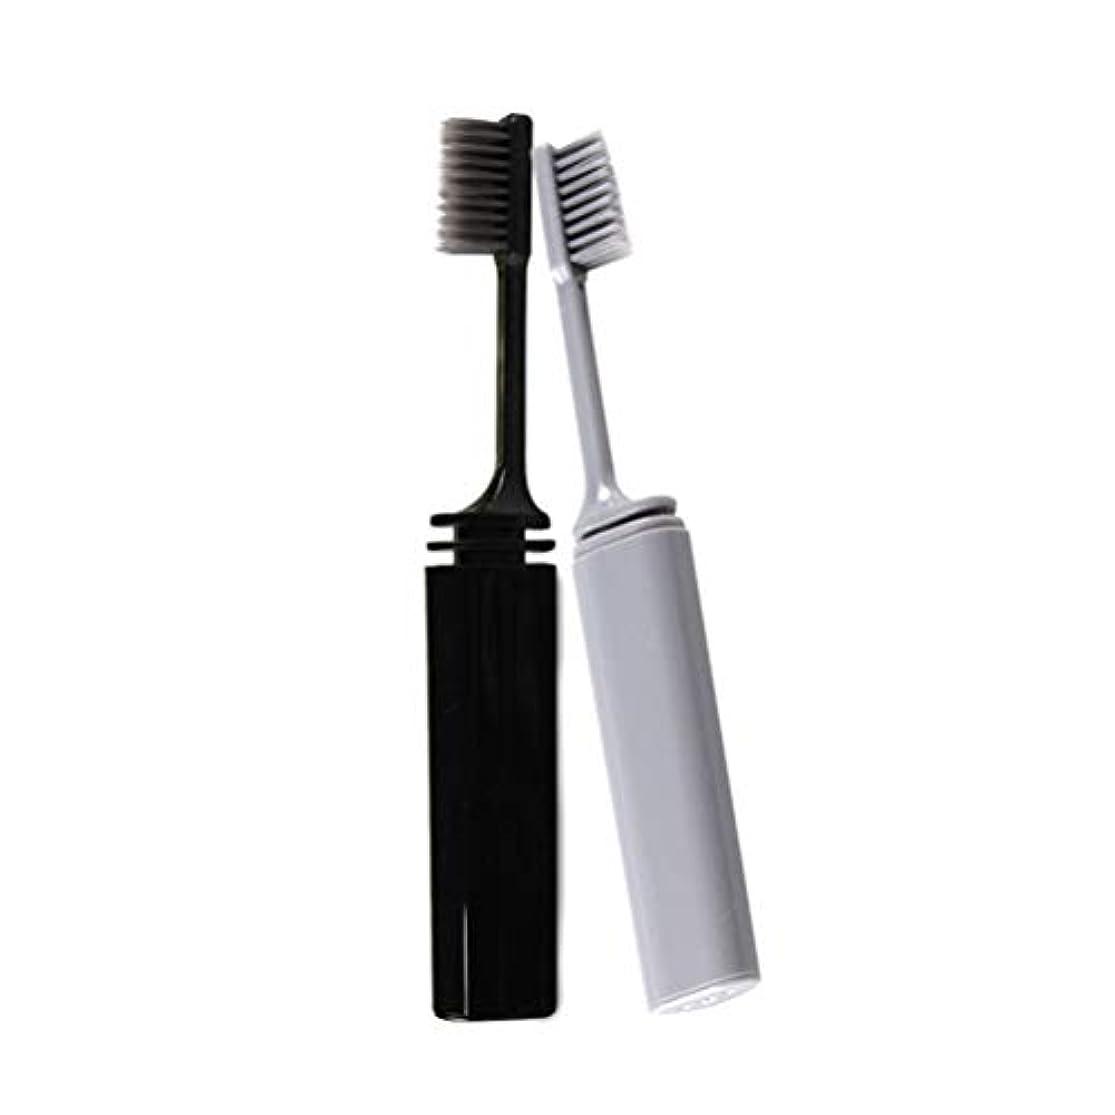 材料愛情ビュッフェHealifty 2ピースポータブル旅行歯ブラシ折りたたみ竹炭剛毛歯ブラシ用オフィスホームホテルゲスト